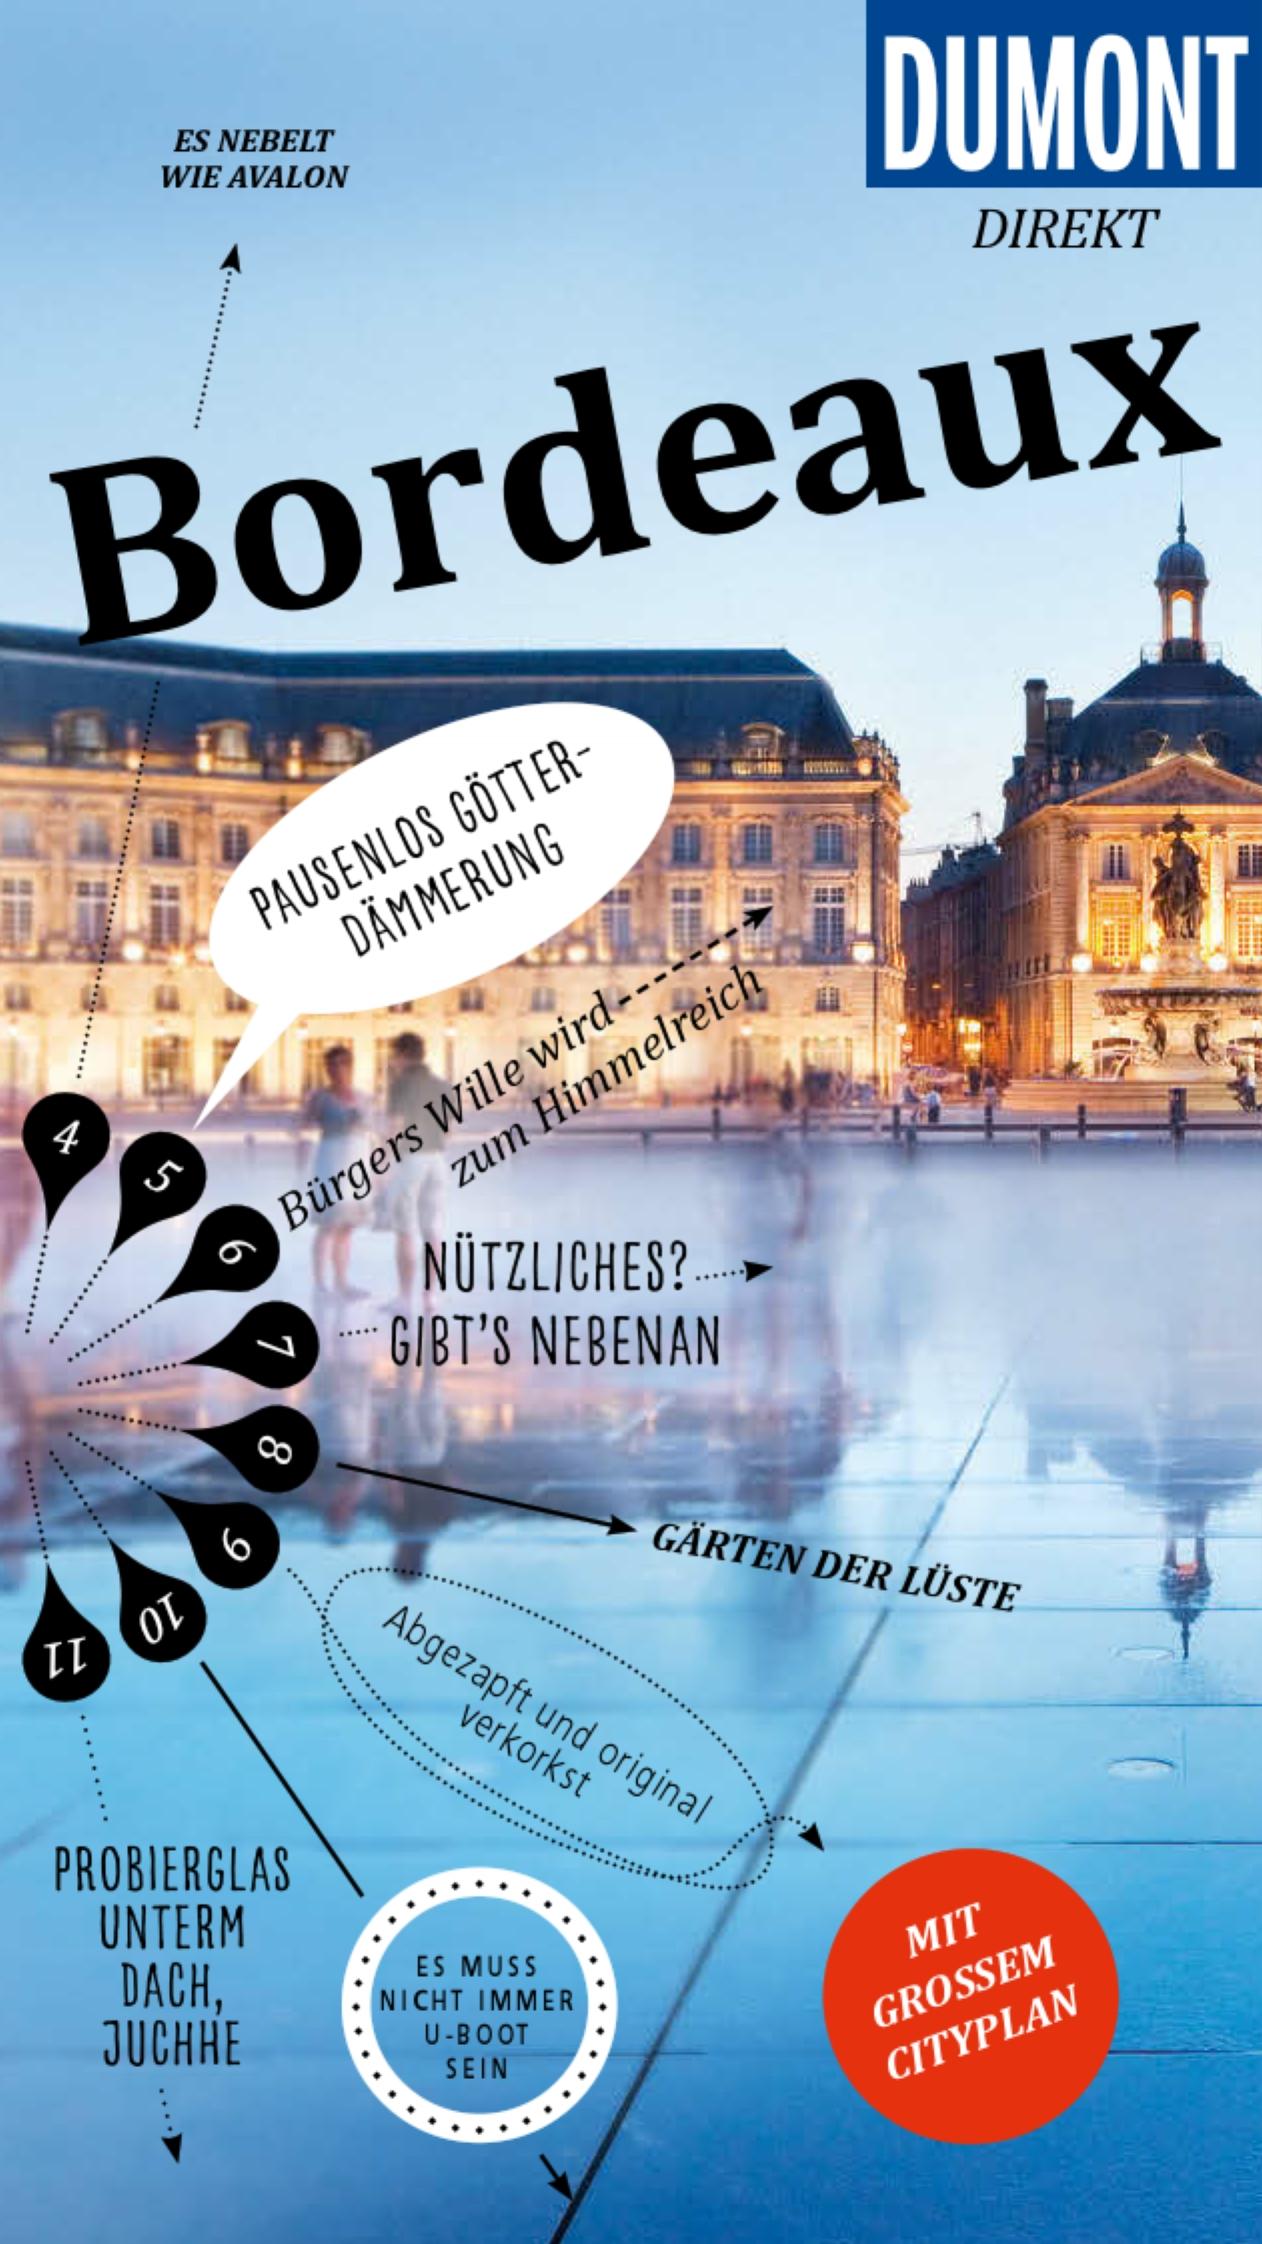 DuMont Direkt - Bordeaux (Cover)